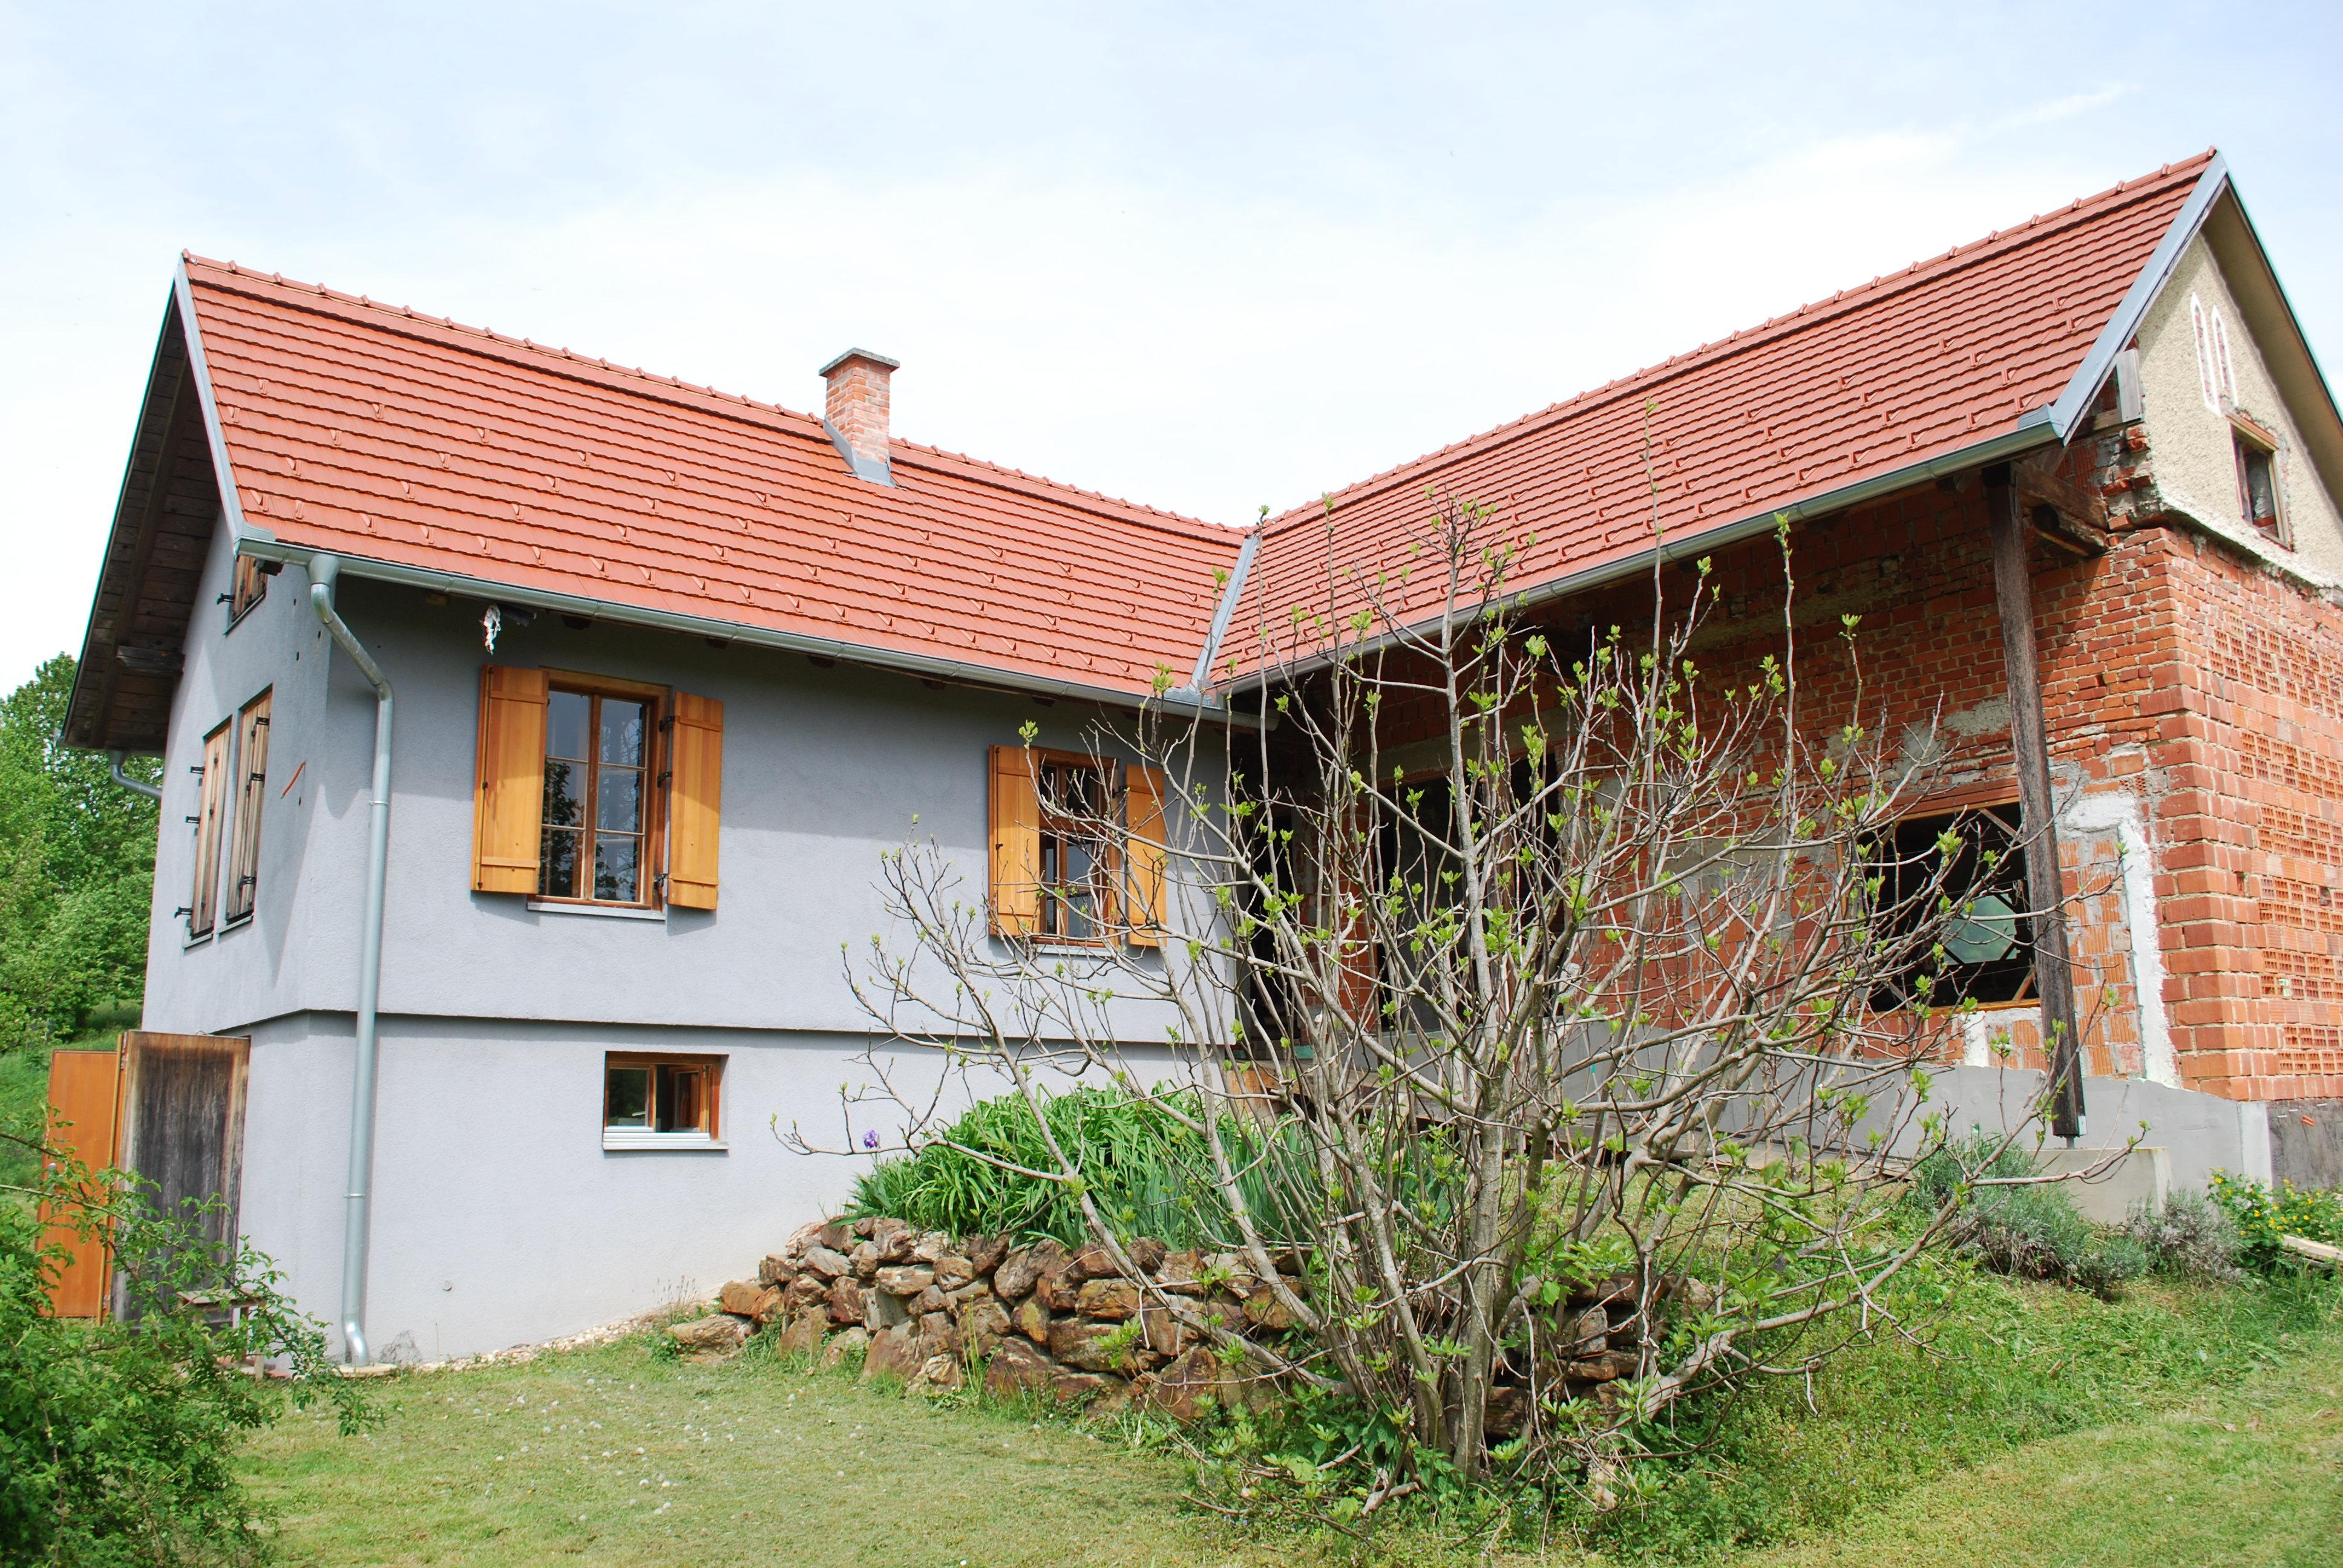 Obnovljena hiša s kmetijskim zemljiščem v Moravcih